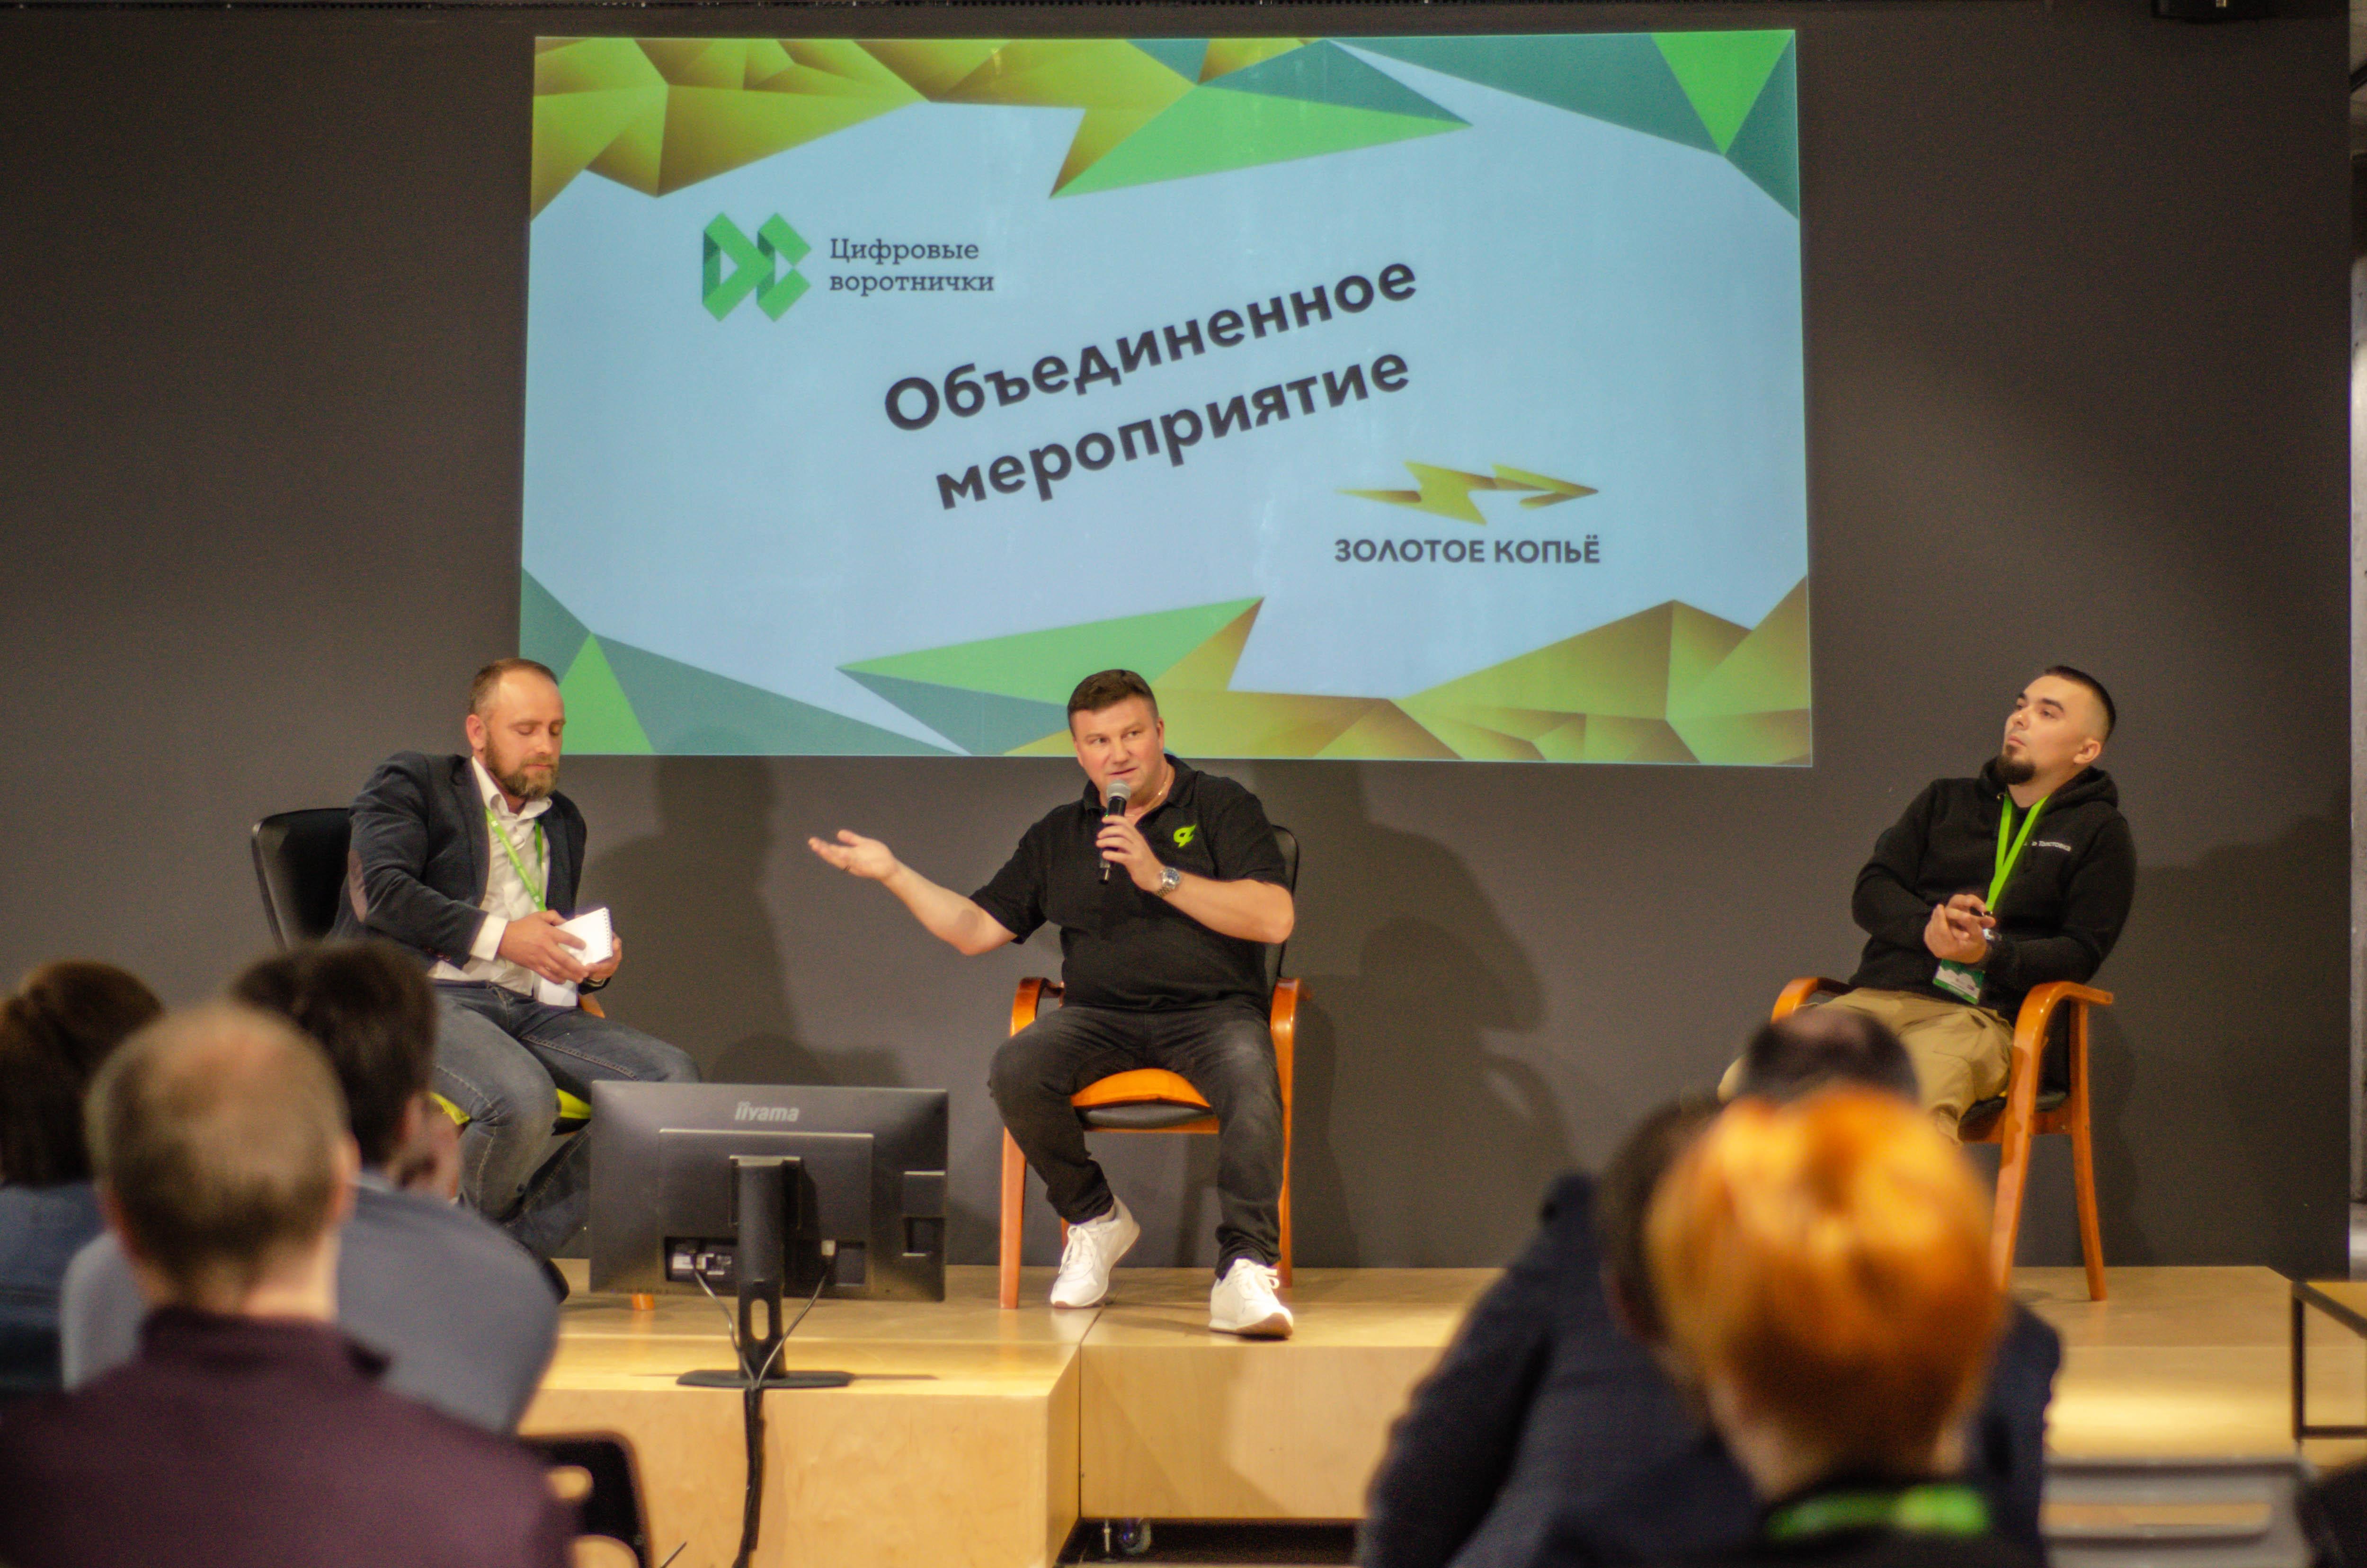 Freelance.ru, «Хабр Фриланс» и eTXT.ru - очная встреча и ответы на вопросы